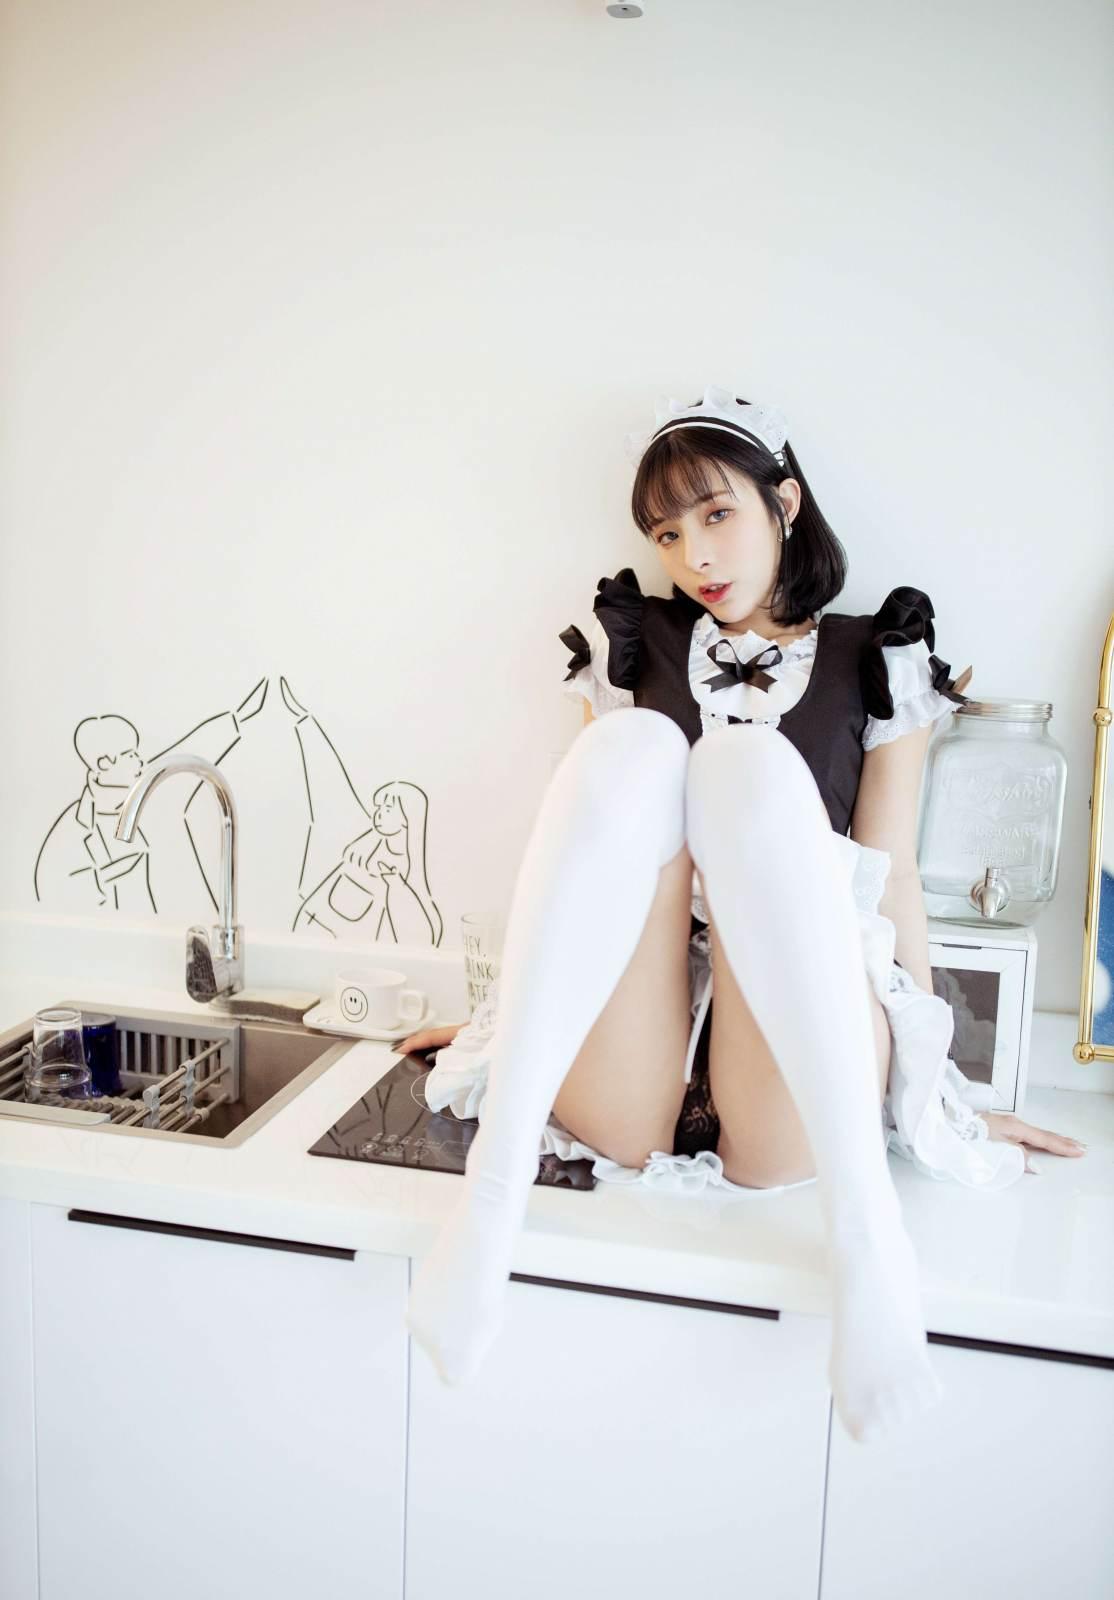 第187期秀色可餐陈小喵(女仆装,过膝白袜)_图片3